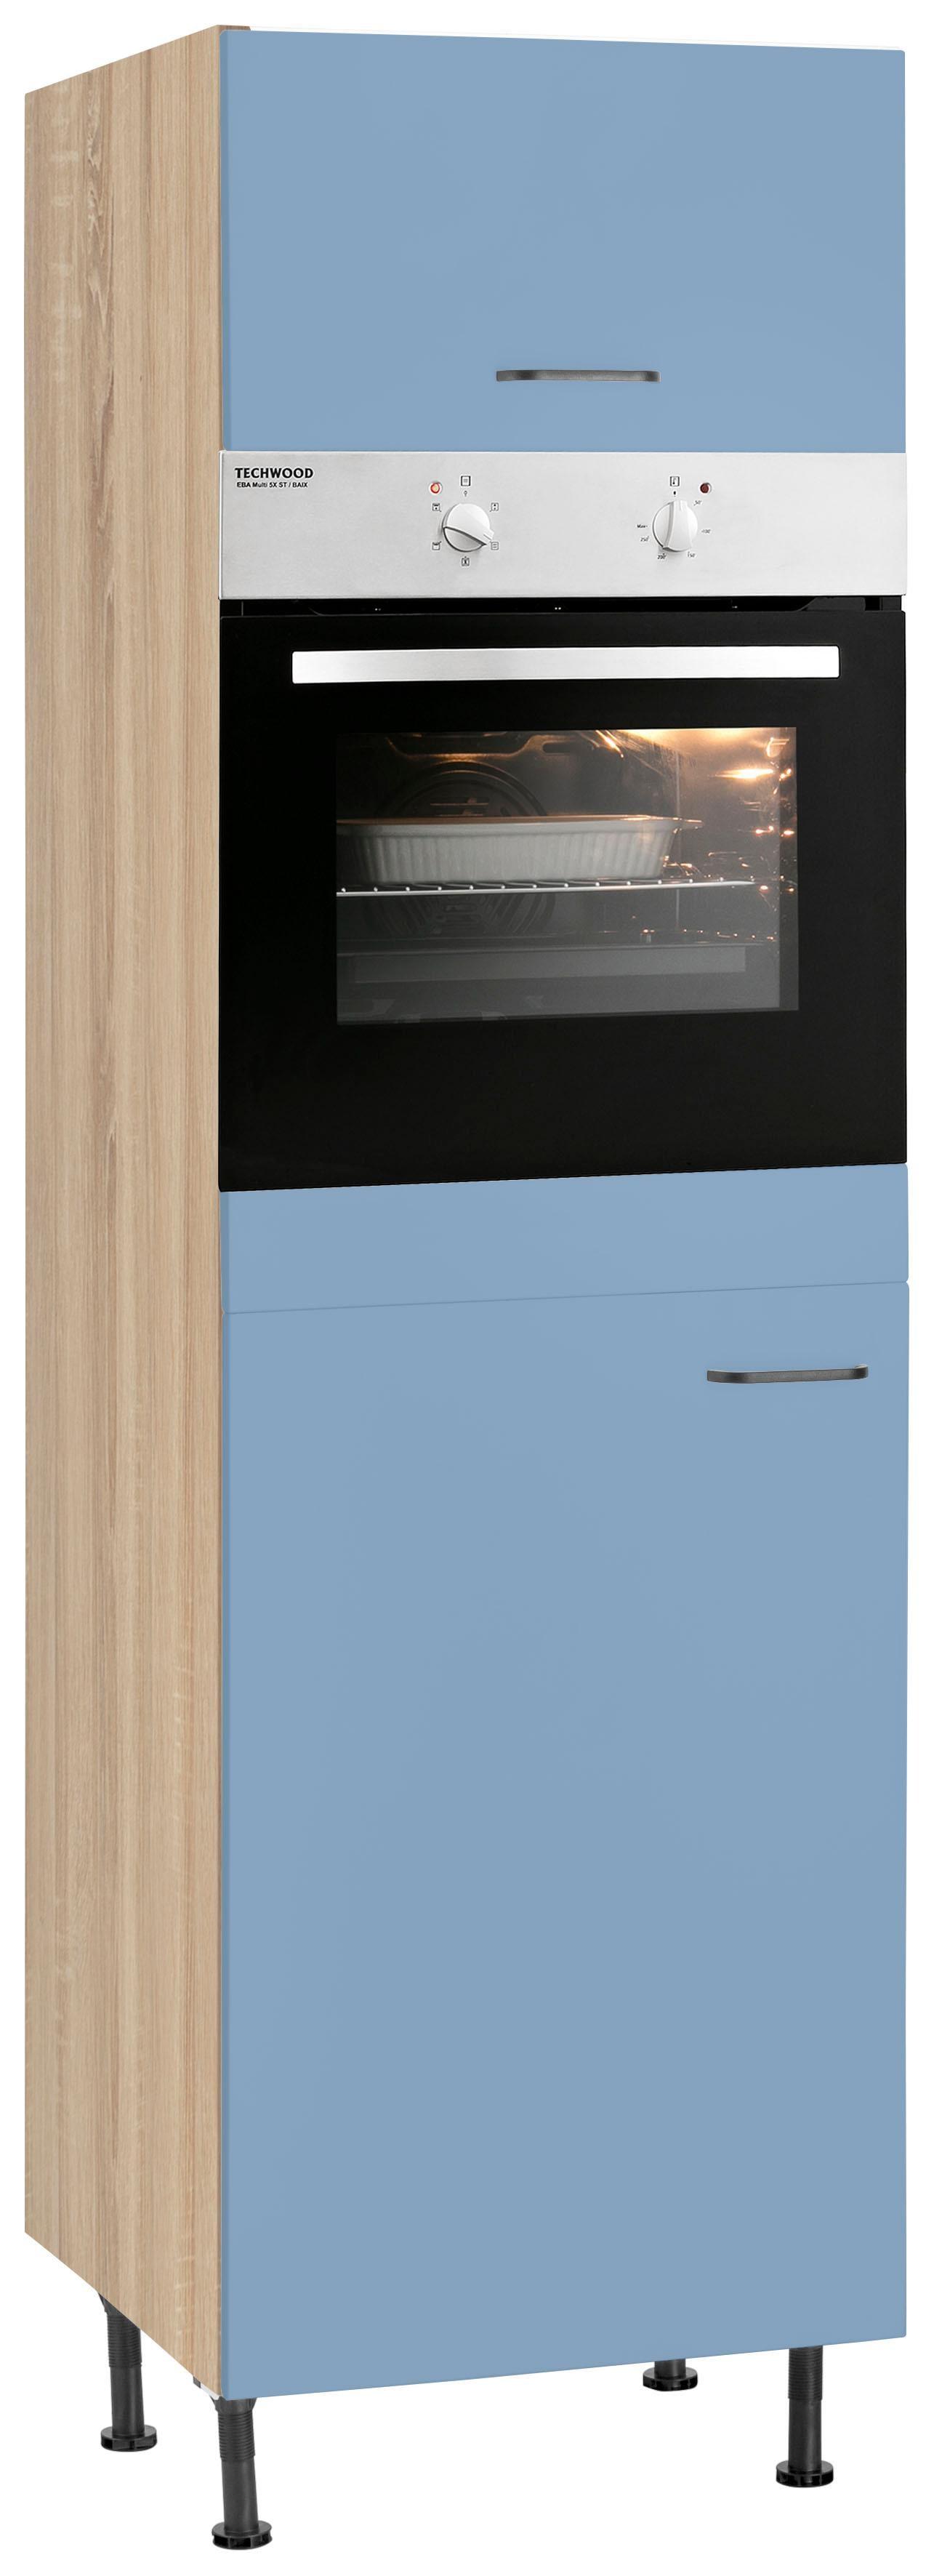 OPTIFIT Backofenumbauschrank Elga | Küche und Esszimmer > Küchenelektrogeräte > Herde und Backöffenen | Blau | Nachbildung - Eiche - Melamin | Optifit